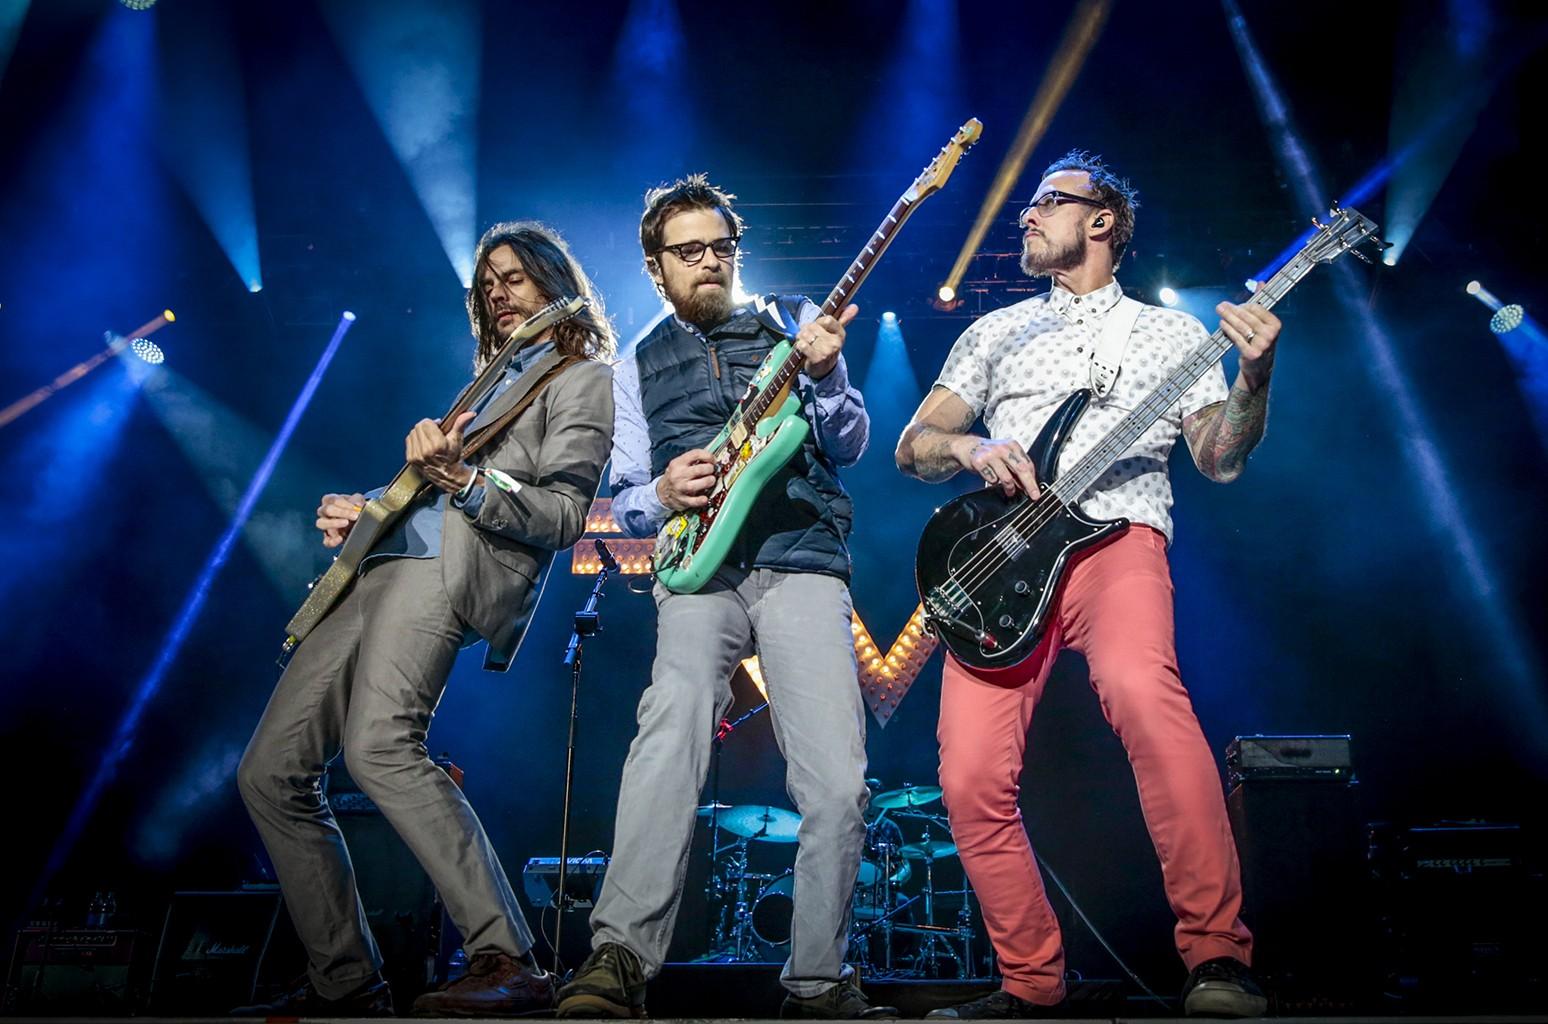 Weezer perform in 2015